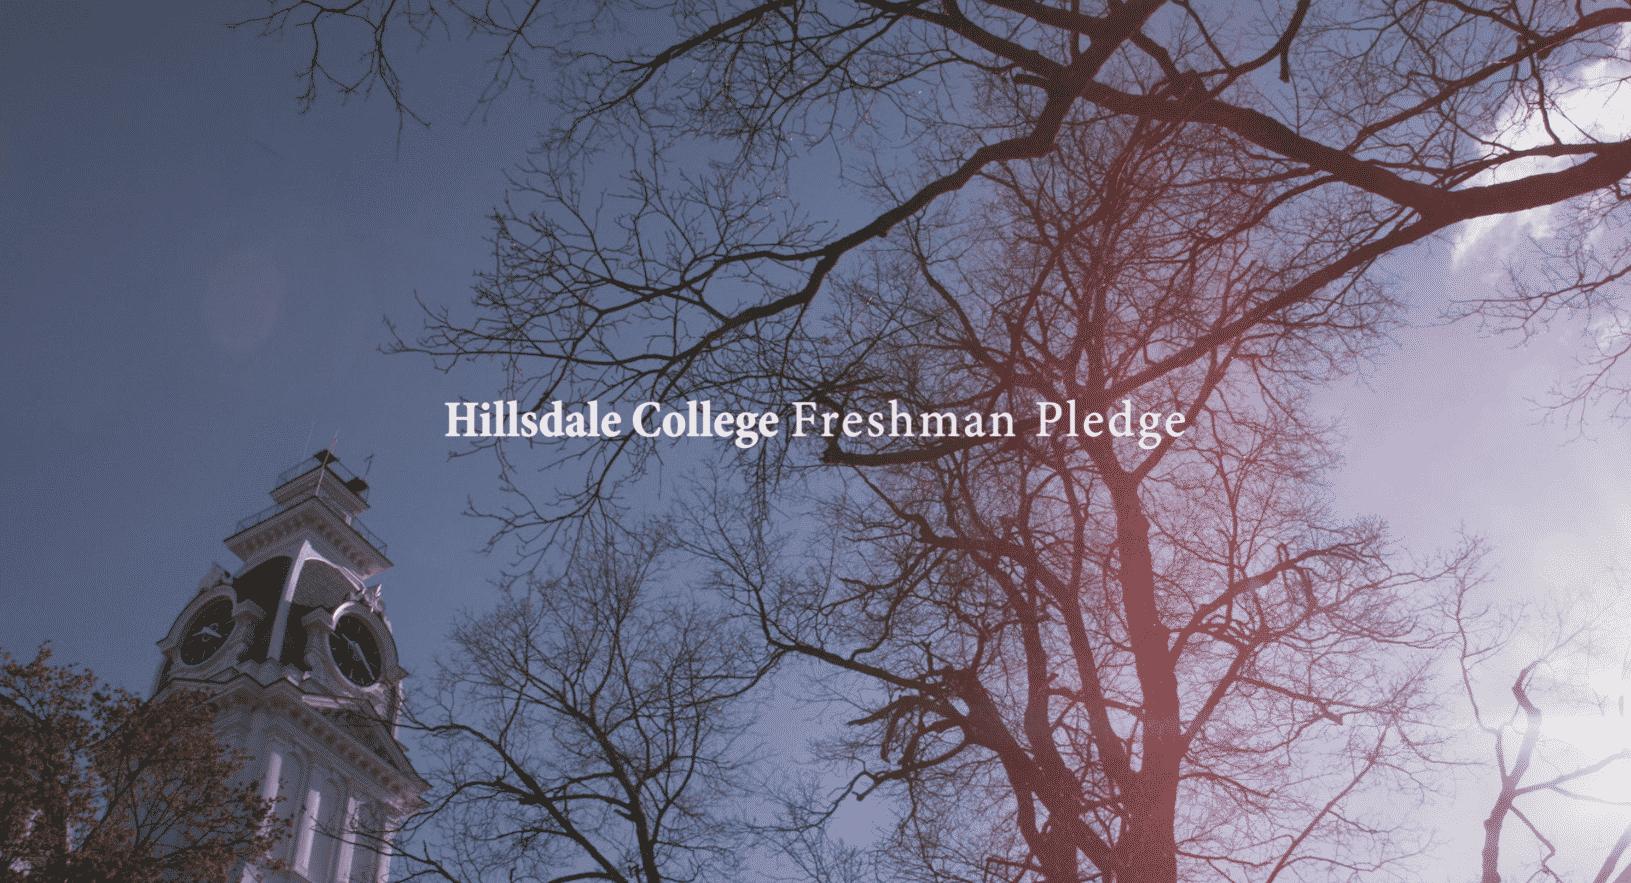 Hillsdale College Freshman Pledge